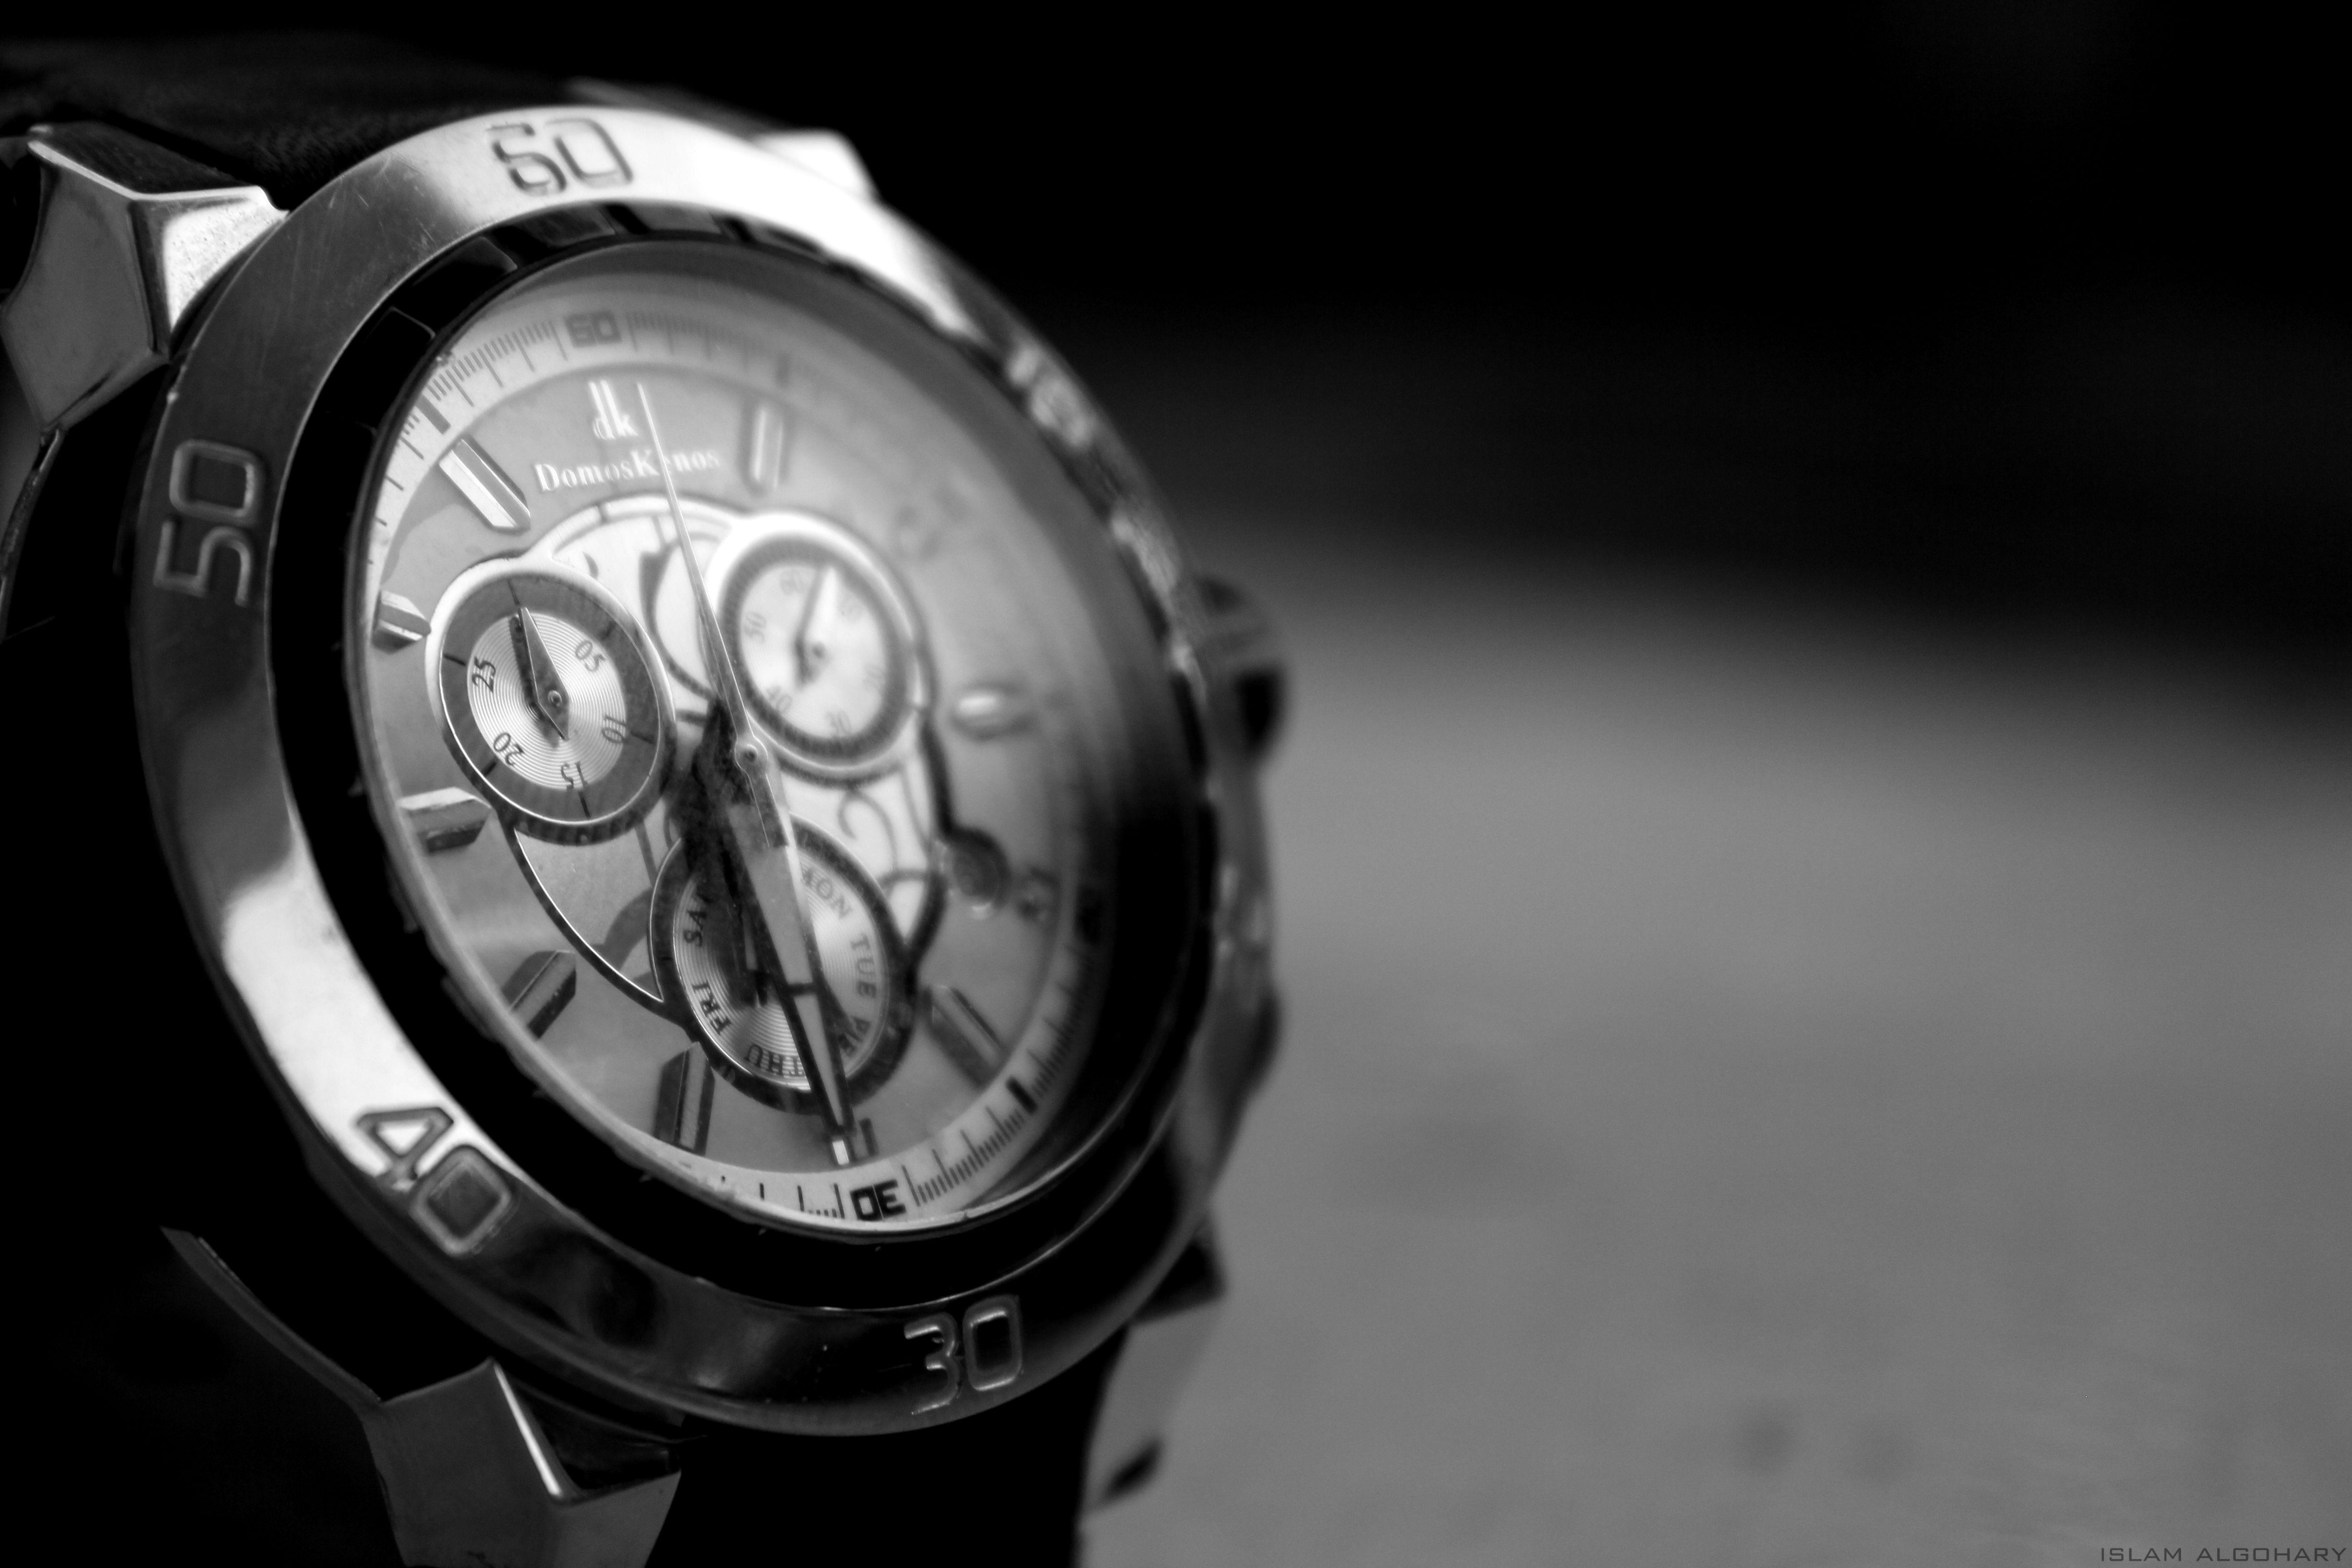 Domoskenos Jaeger Watch Accessories Watches